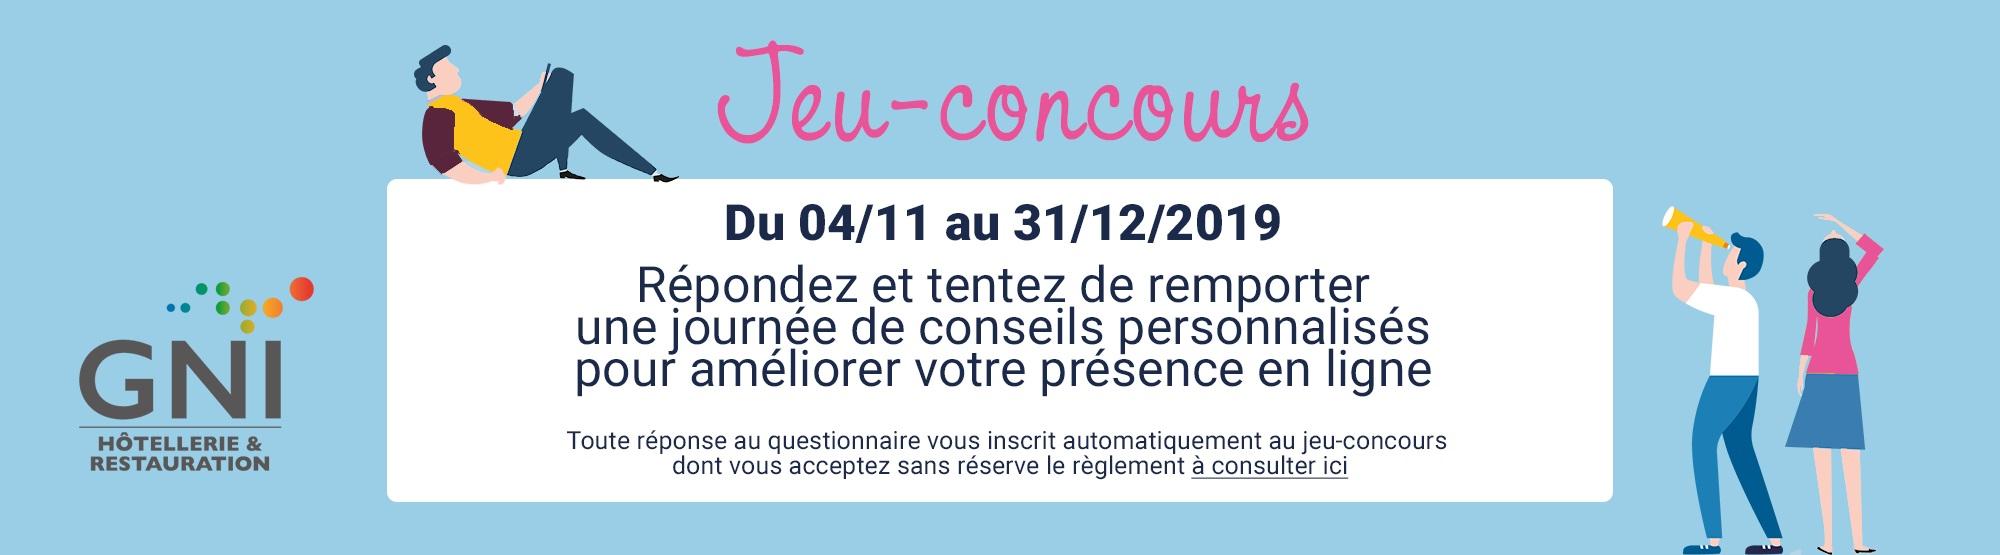 Jeu Concours 2019 Reussir Avec Le Web Gni Hcr